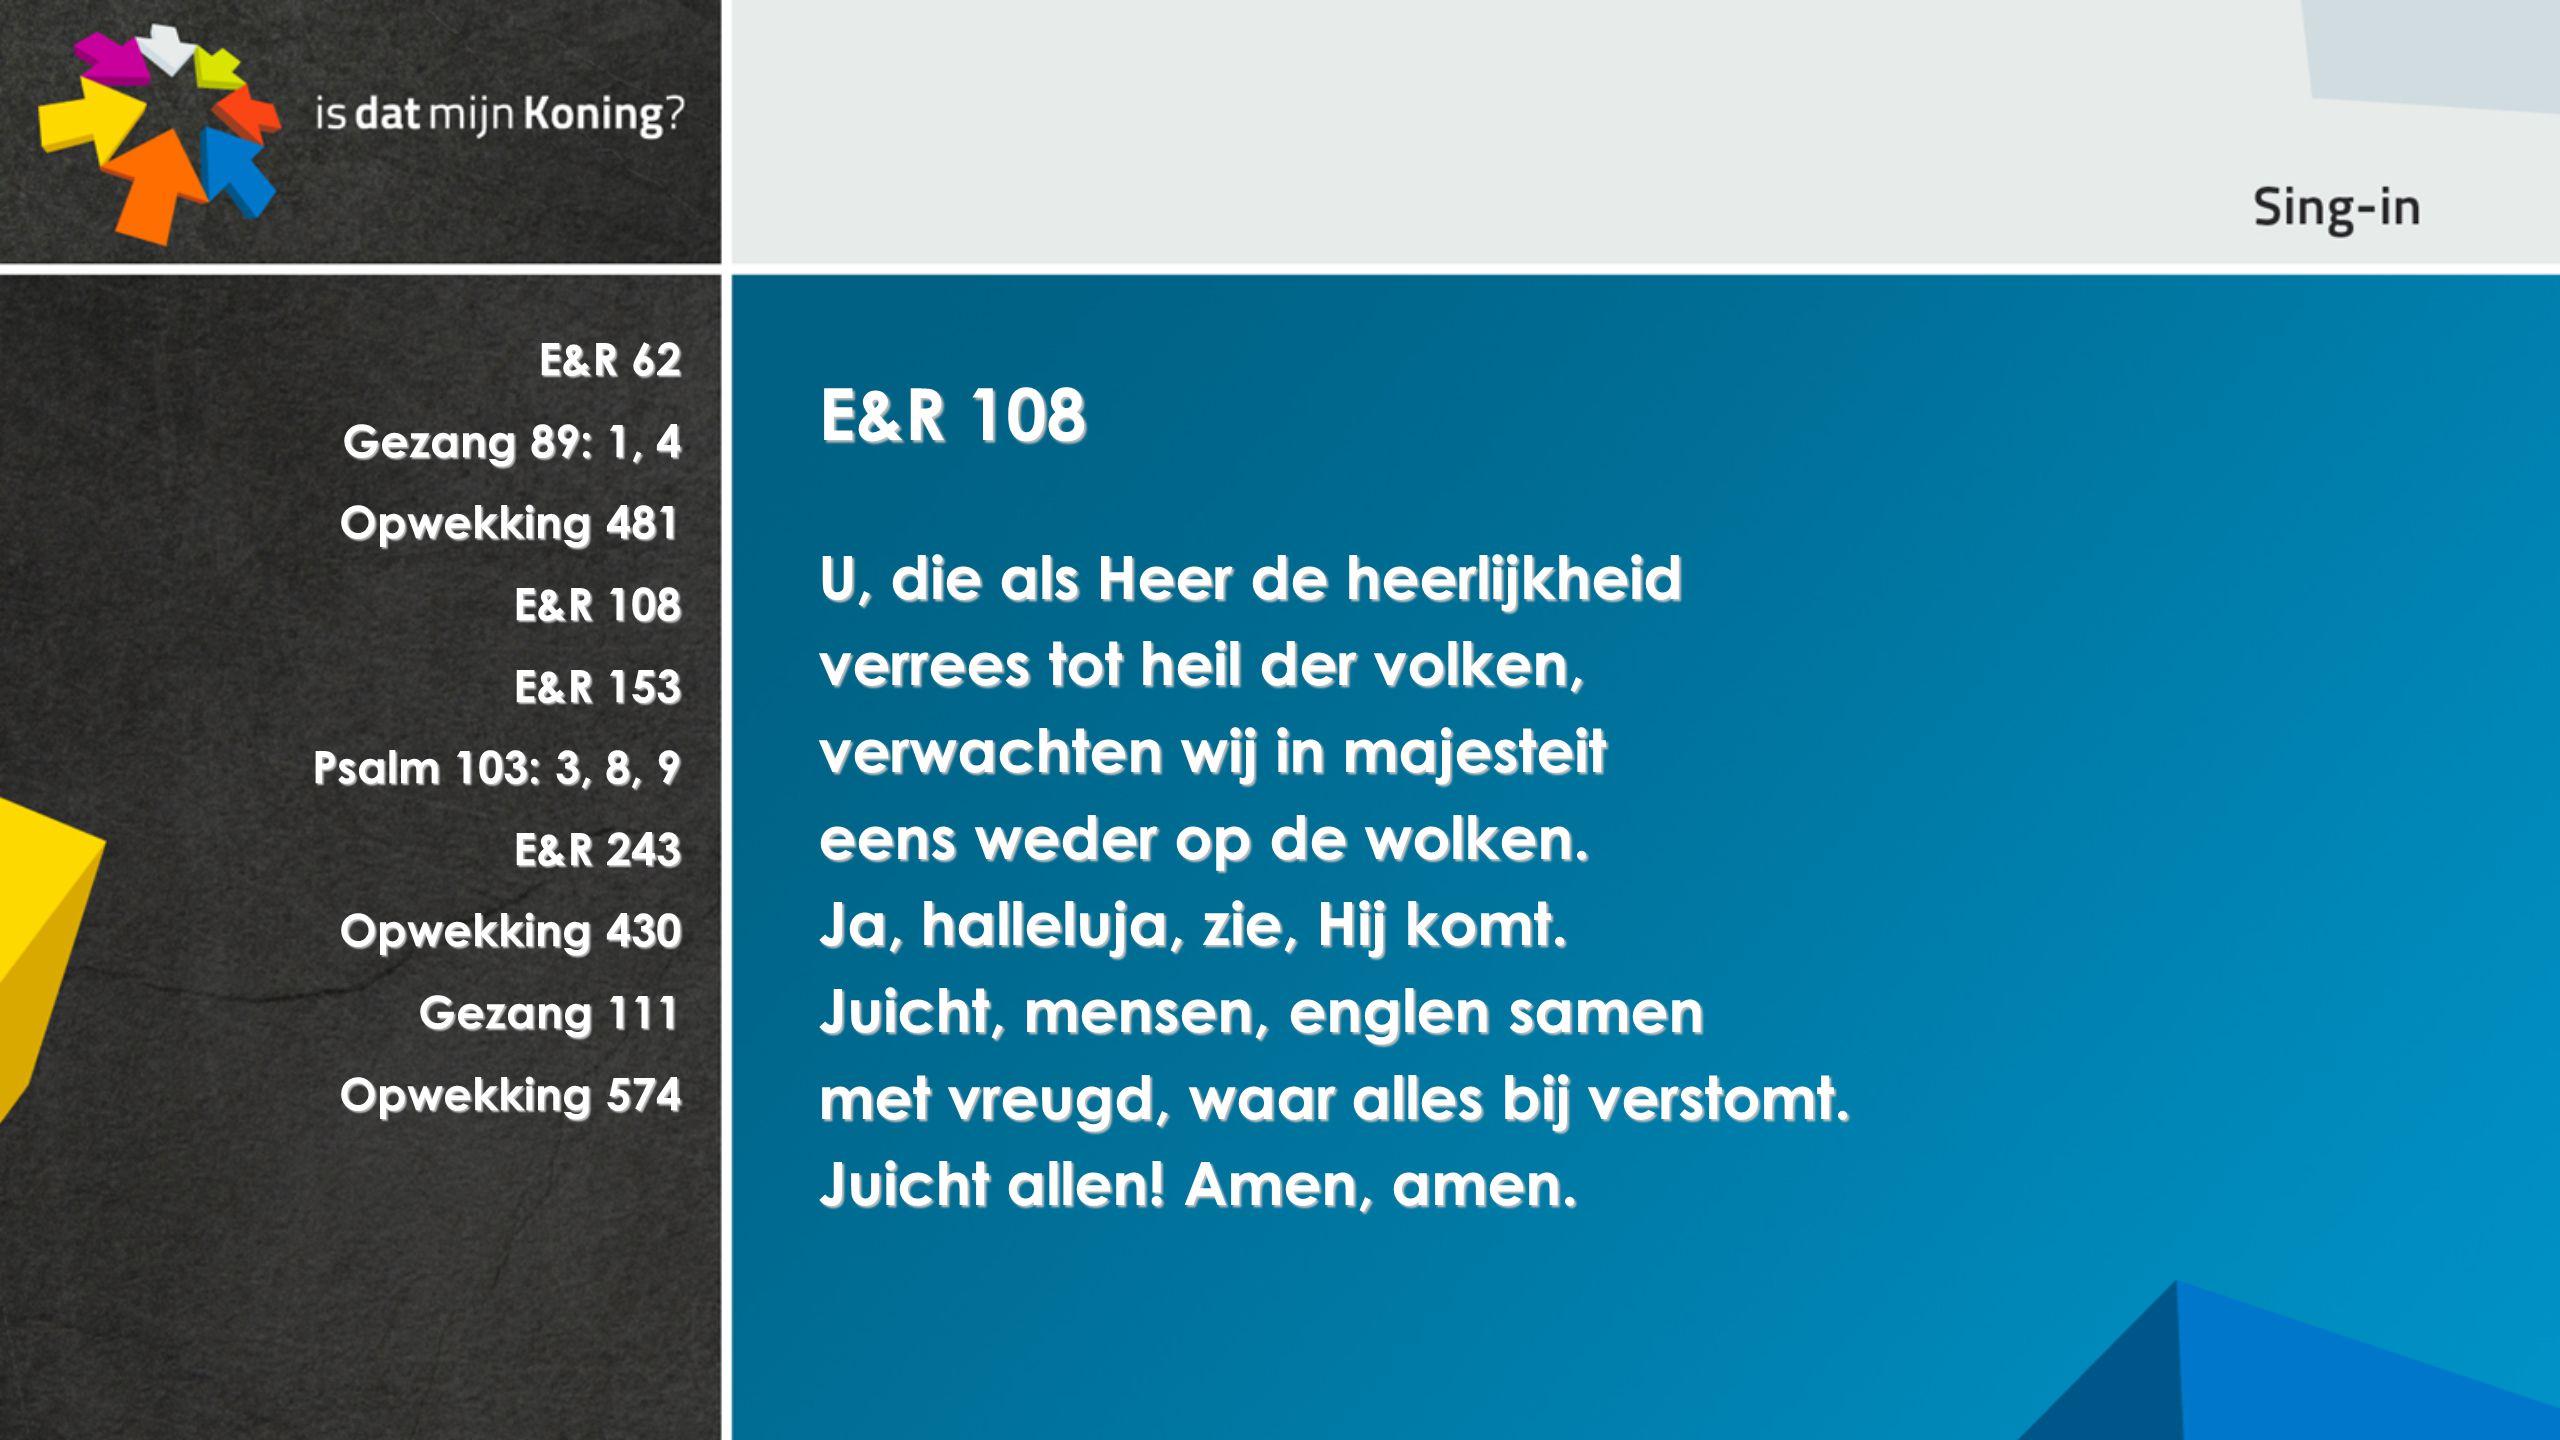 E&R 108 U, die als Heer de heerlijkheid verrees tot heil der volken,